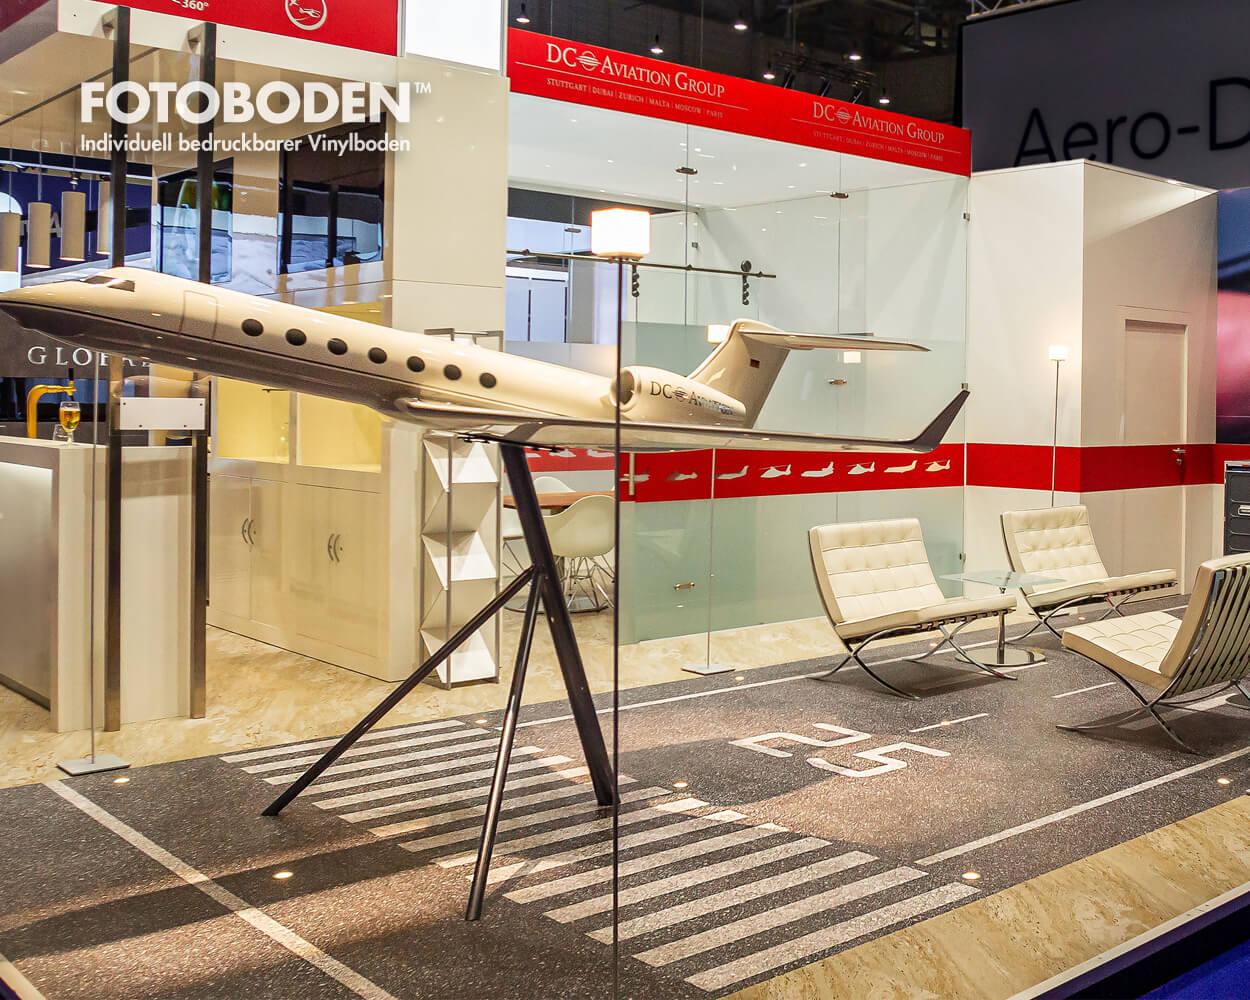 Messe Bodendesign Flooring FOTOBODEN™ Vinyl